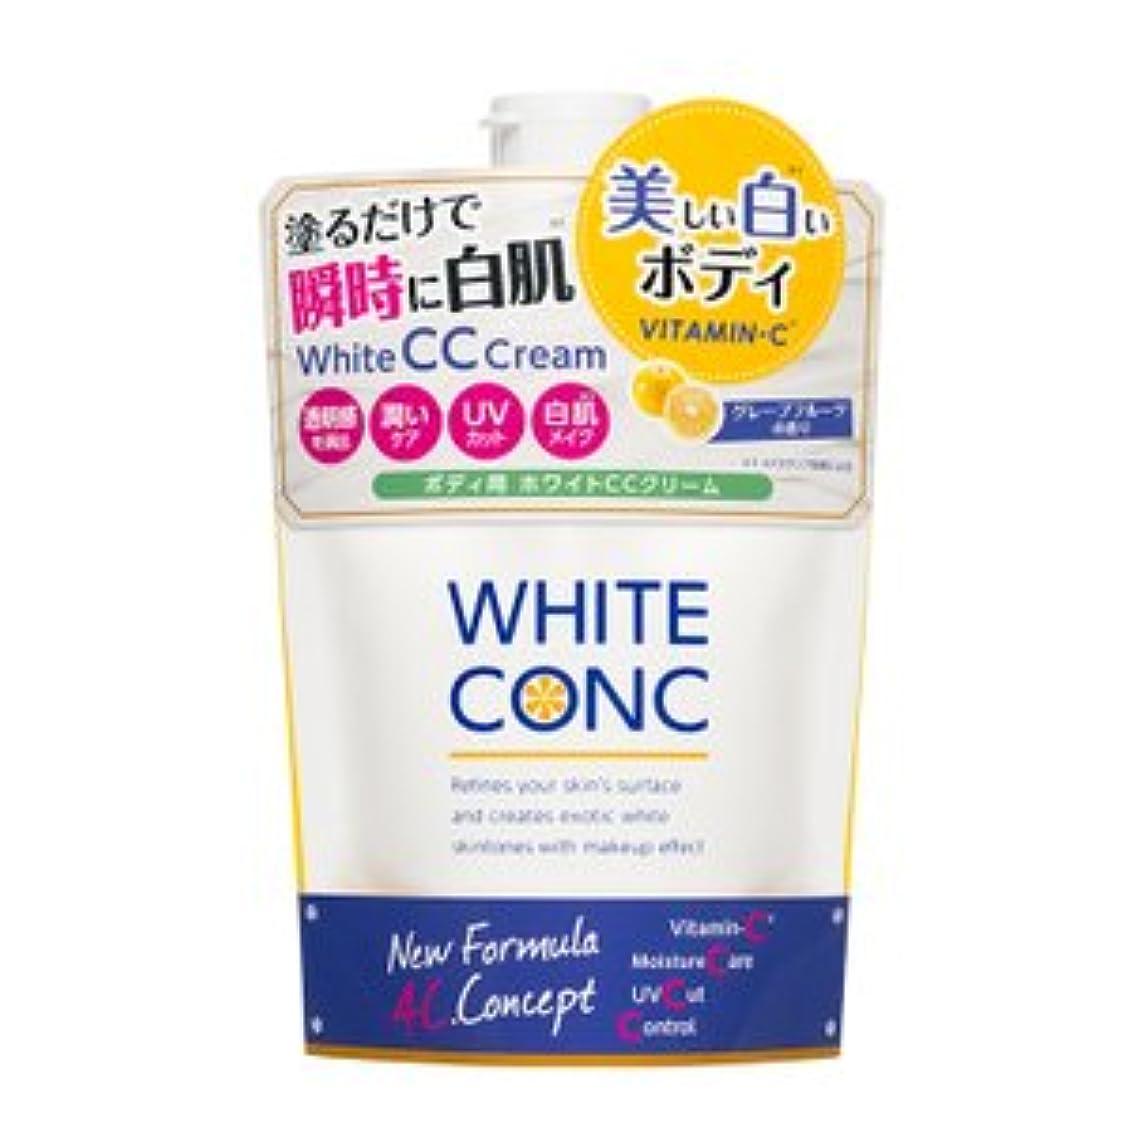 ヘルパー怖い冷蔵する薬用ホワイトコンクホワイトCCクリーム 200g